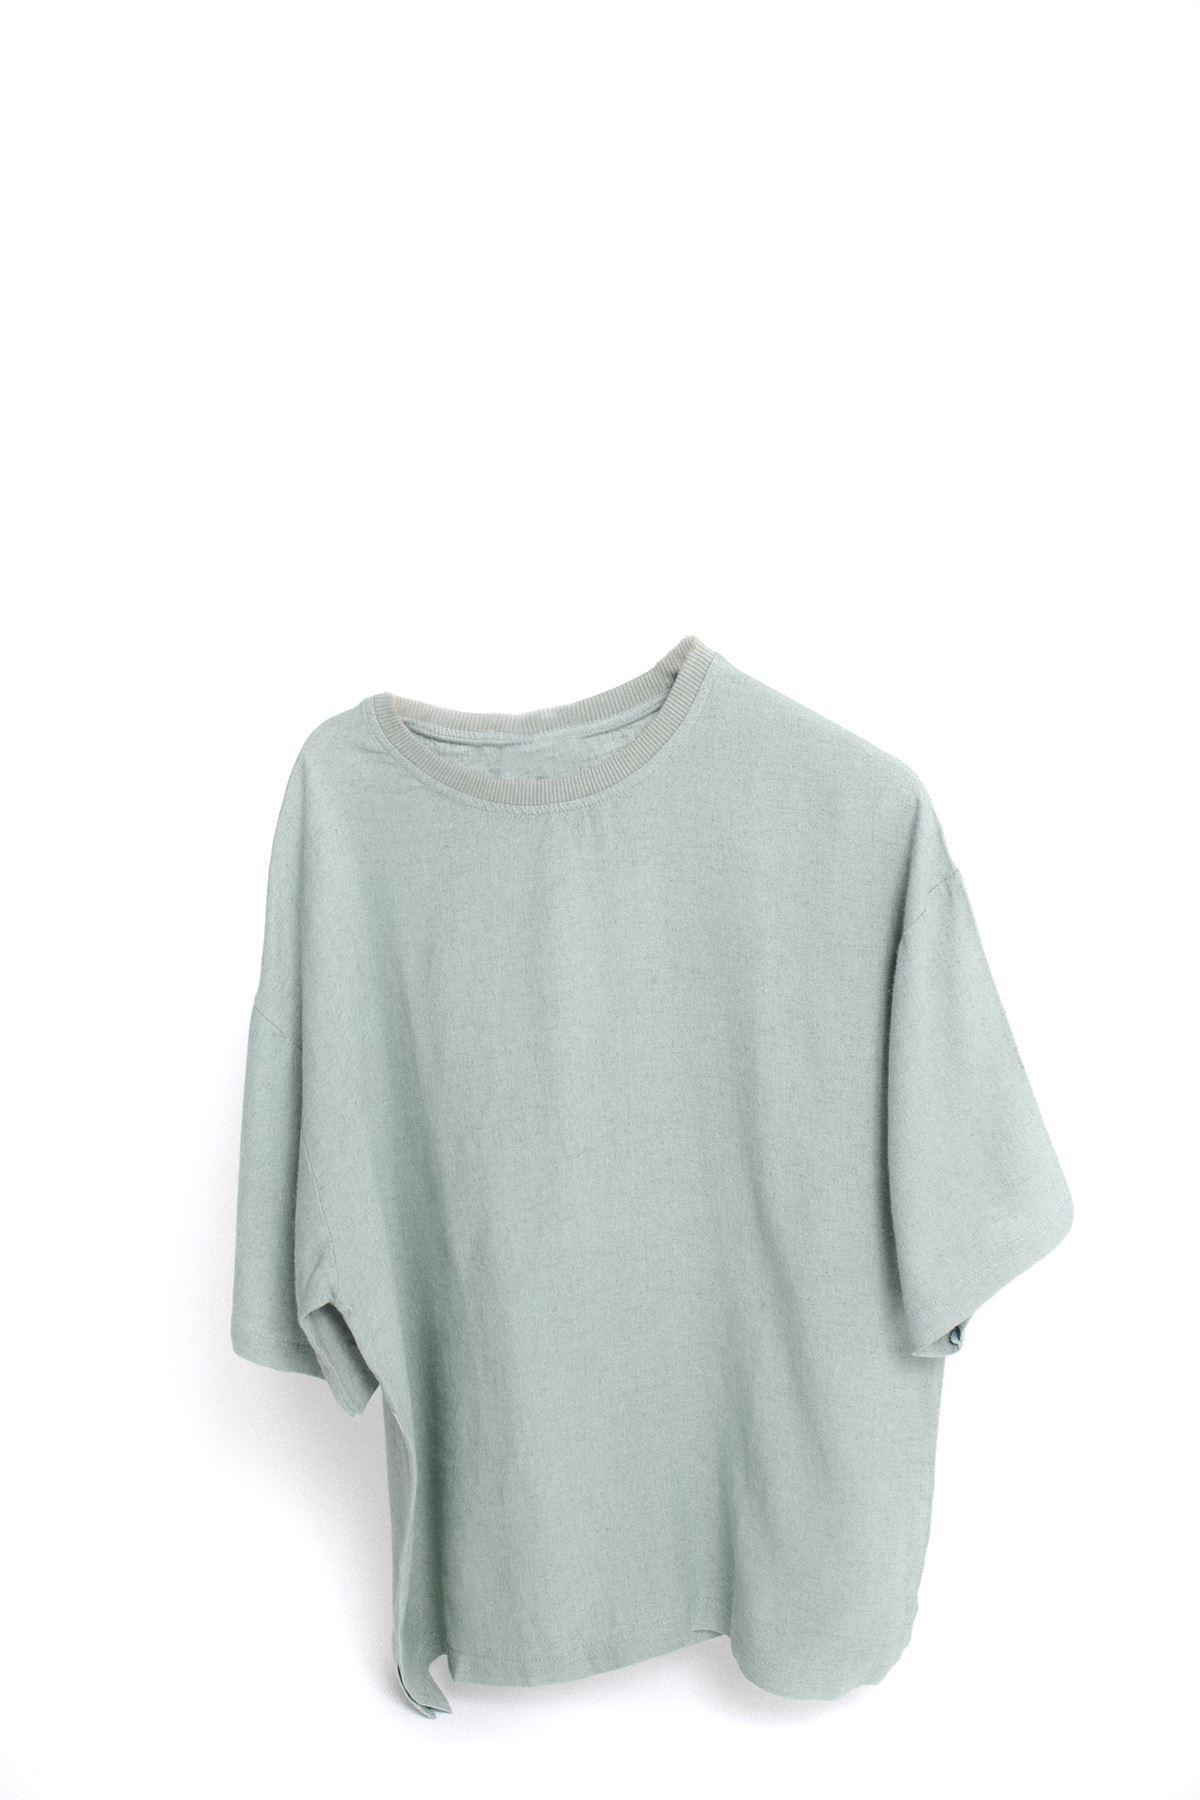 Deniz Yeşili Oversize Keten T-Shirt